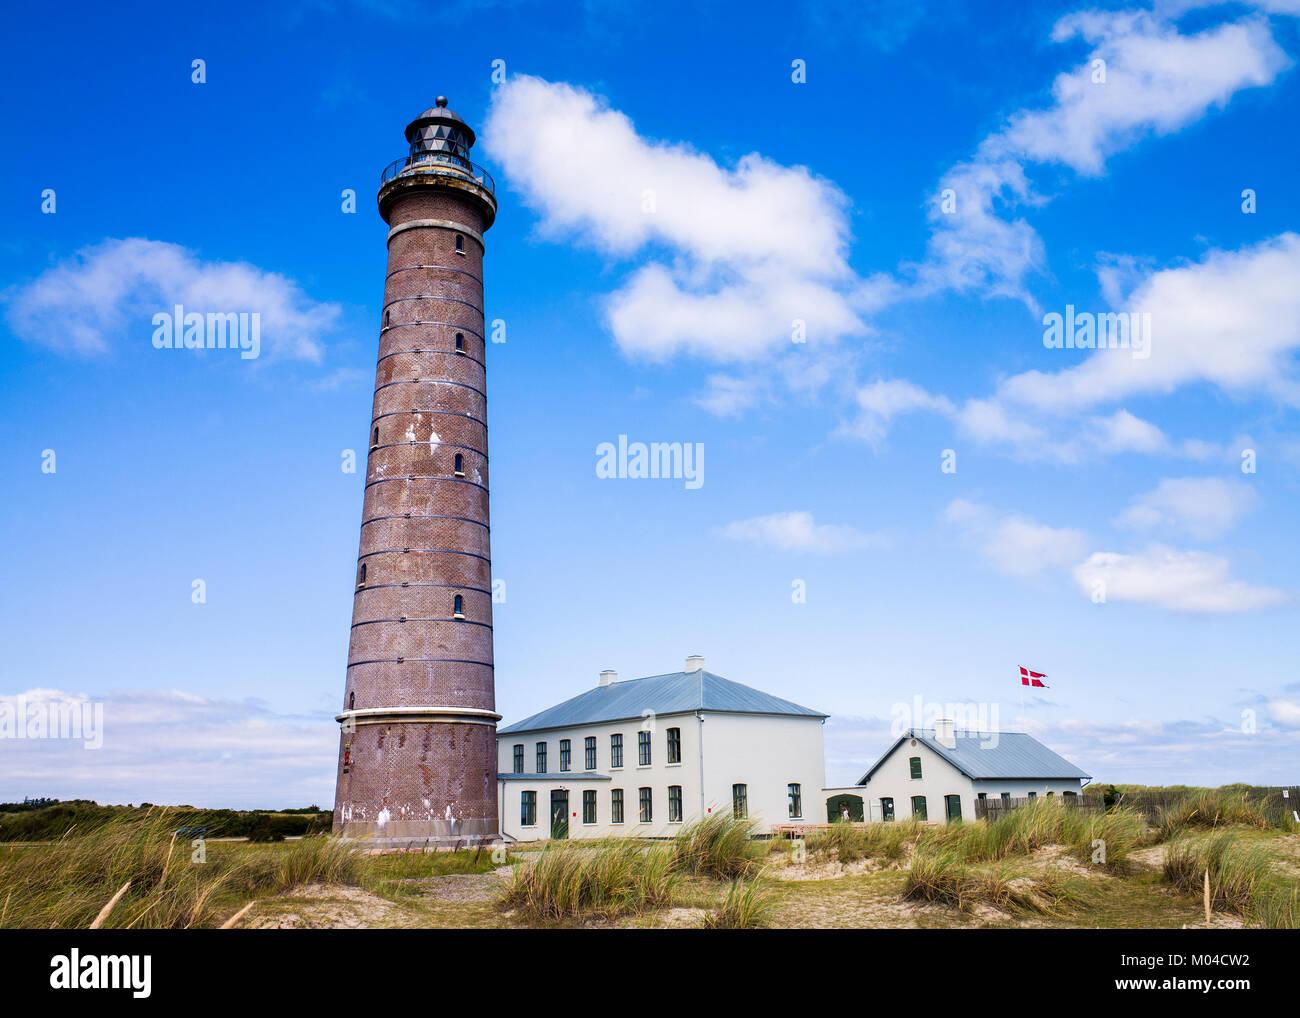 The lighthouse at skagen denmark - Stock Image